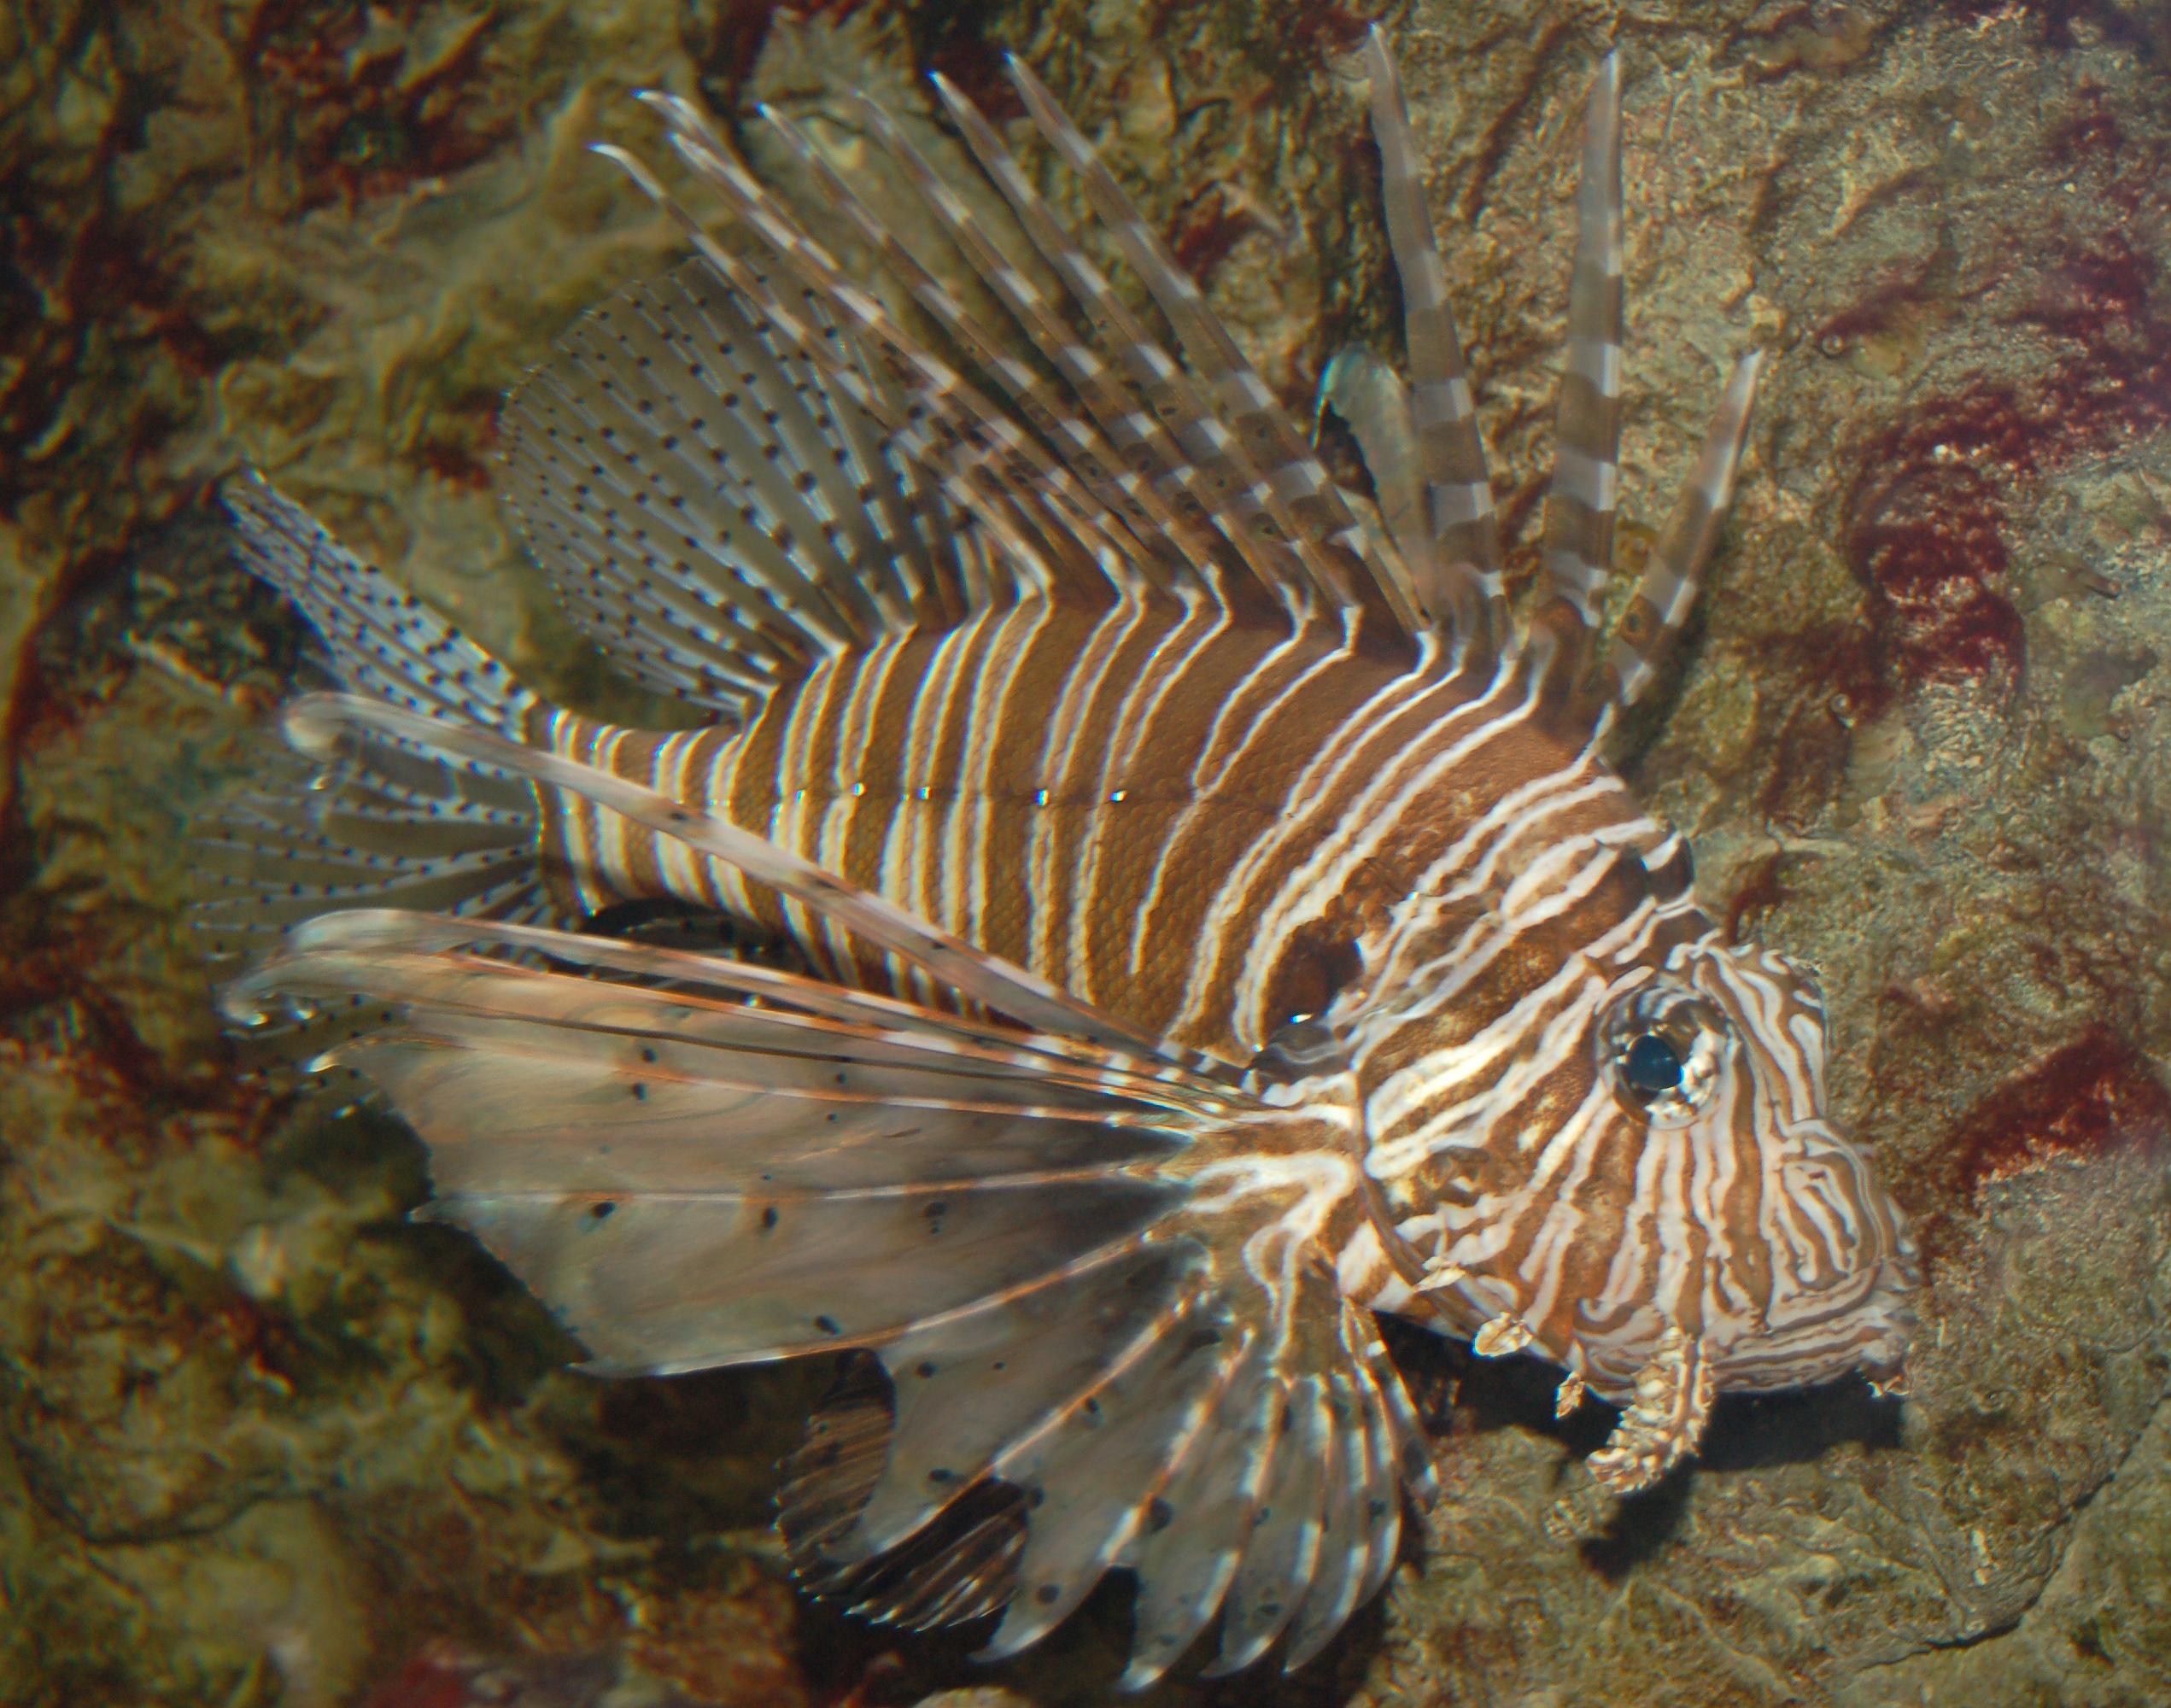 Lionfish – Pterois volitans